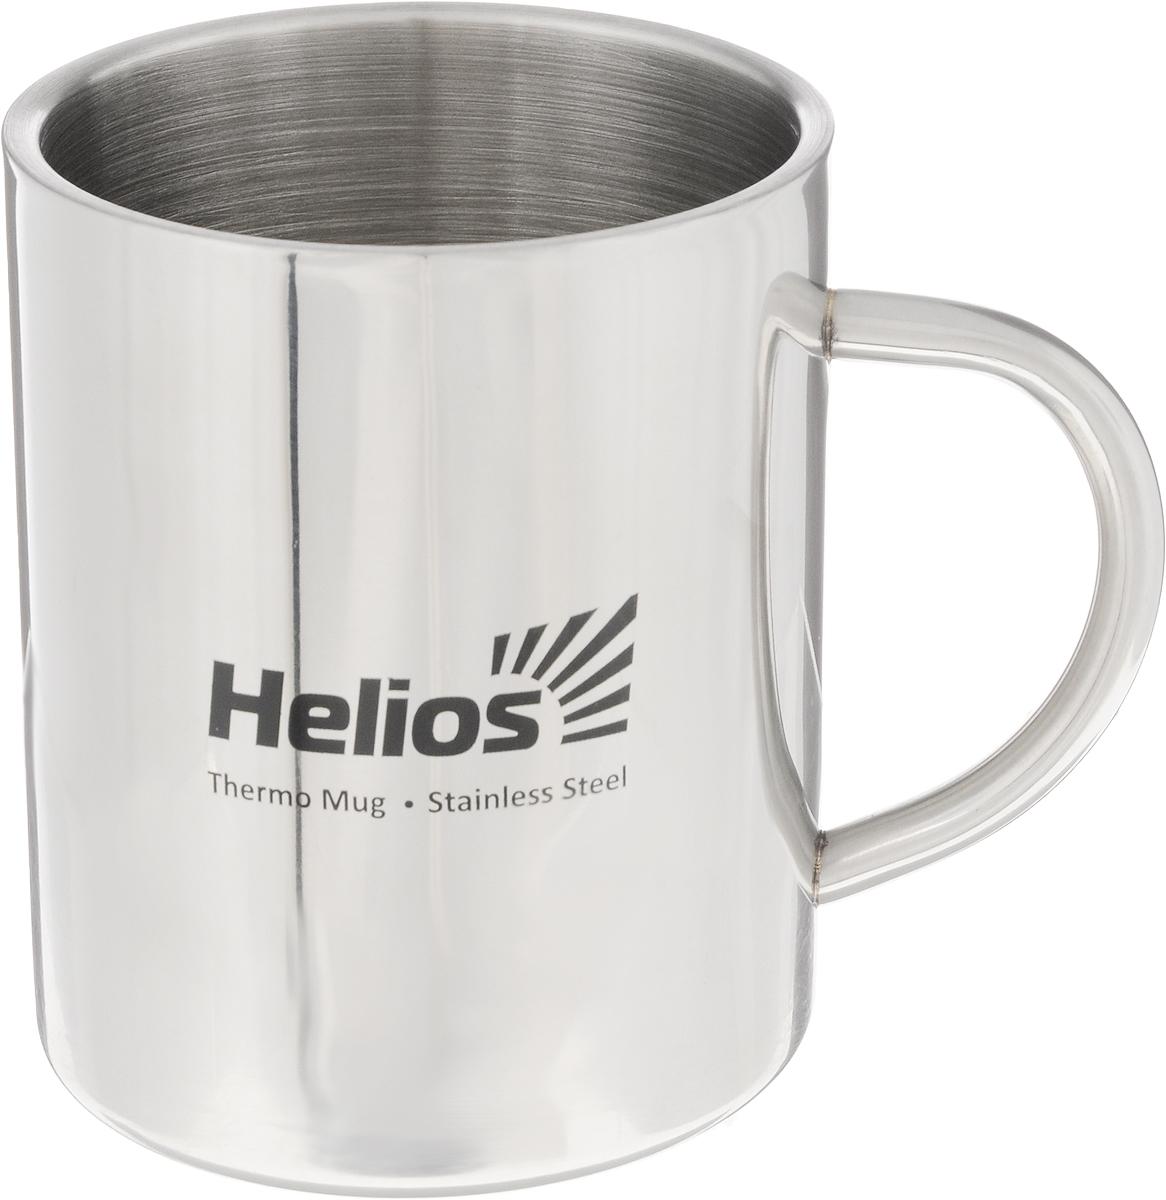 Термокружка Helios HS TK-010, 450 мл128987Термокружка Helios HS TK-010 предназначена специально для горячих и холодных напитков. Она изготовлена из высококачественной нержавеющей стали. Двойная стенка гарантирует долгое сохранение температуры и убережет от ожогов при заваривании чая или кофе. Такая кружка прекрасно сохраняет свою целостность и первозданный вид даже при многократном использовании. Диаметр кружки (по верхнему краю): 8,5 см. Высота кружки: 10,5 см.